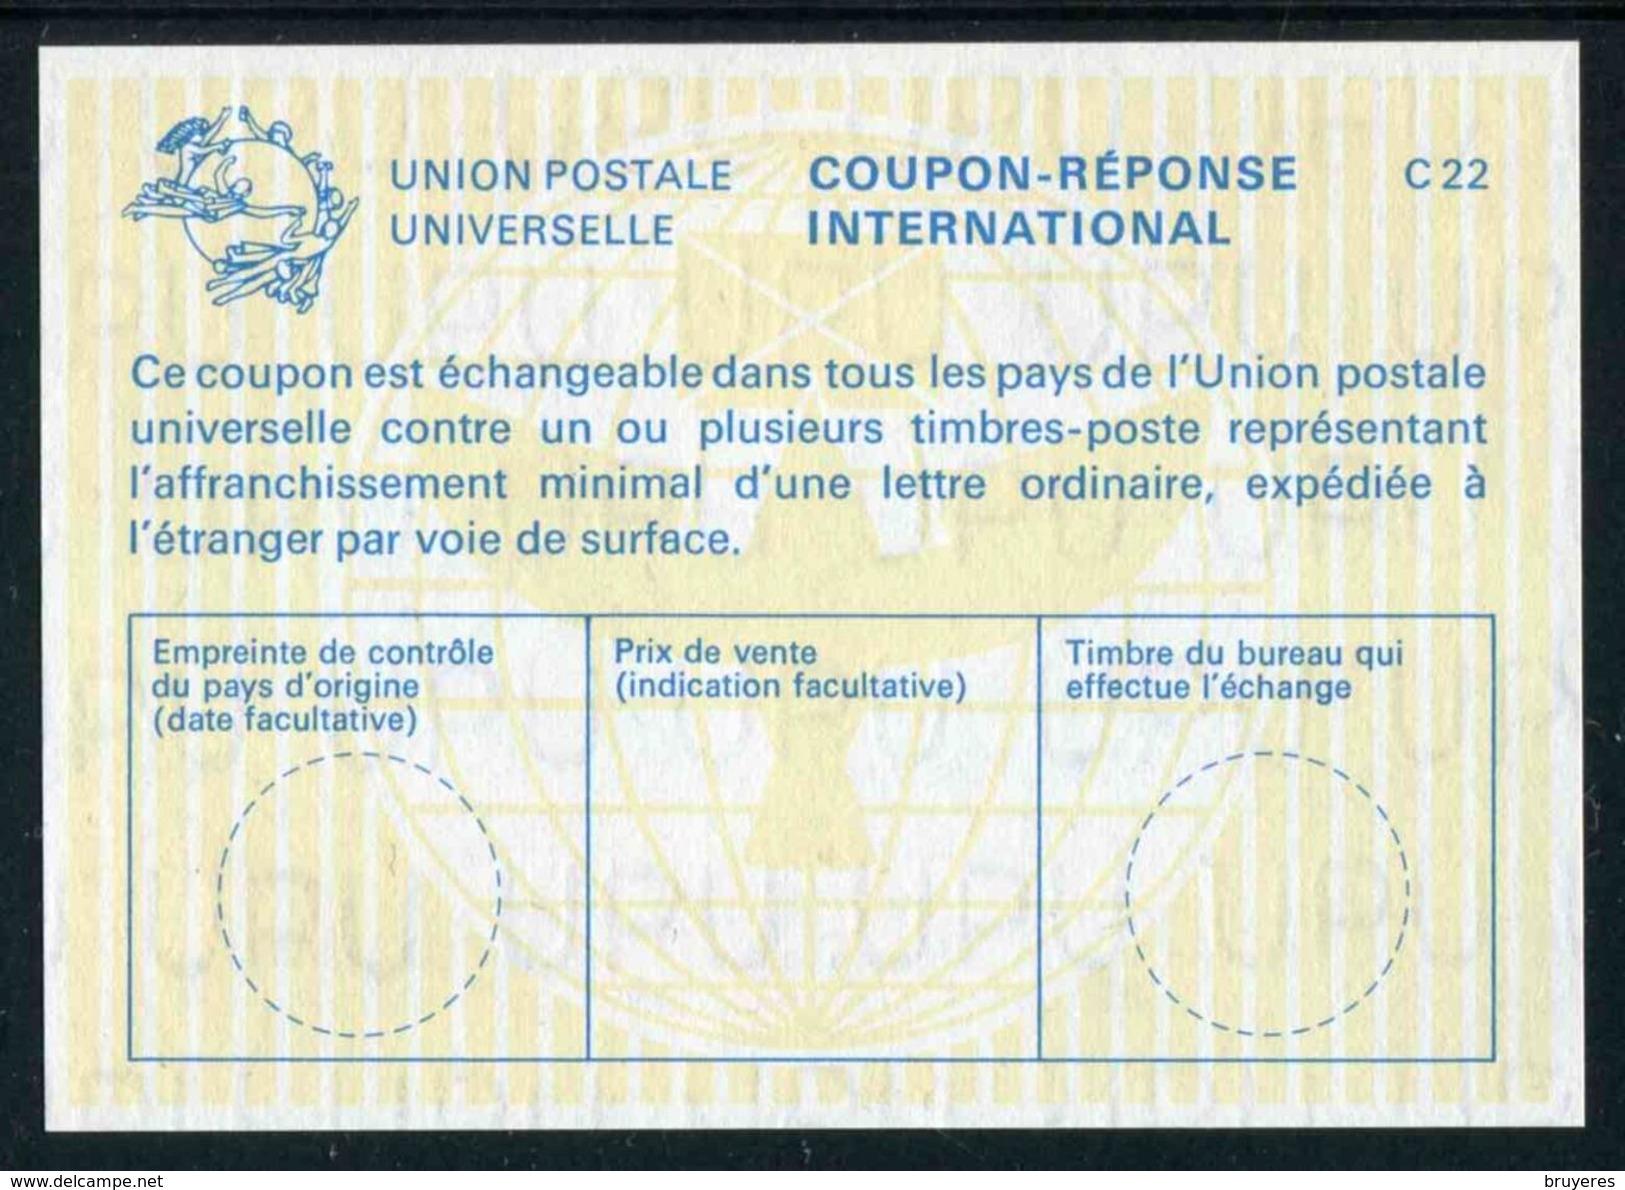 COUPON-REPONSE INTERNATIONAL (C 22) - Antwoordbons